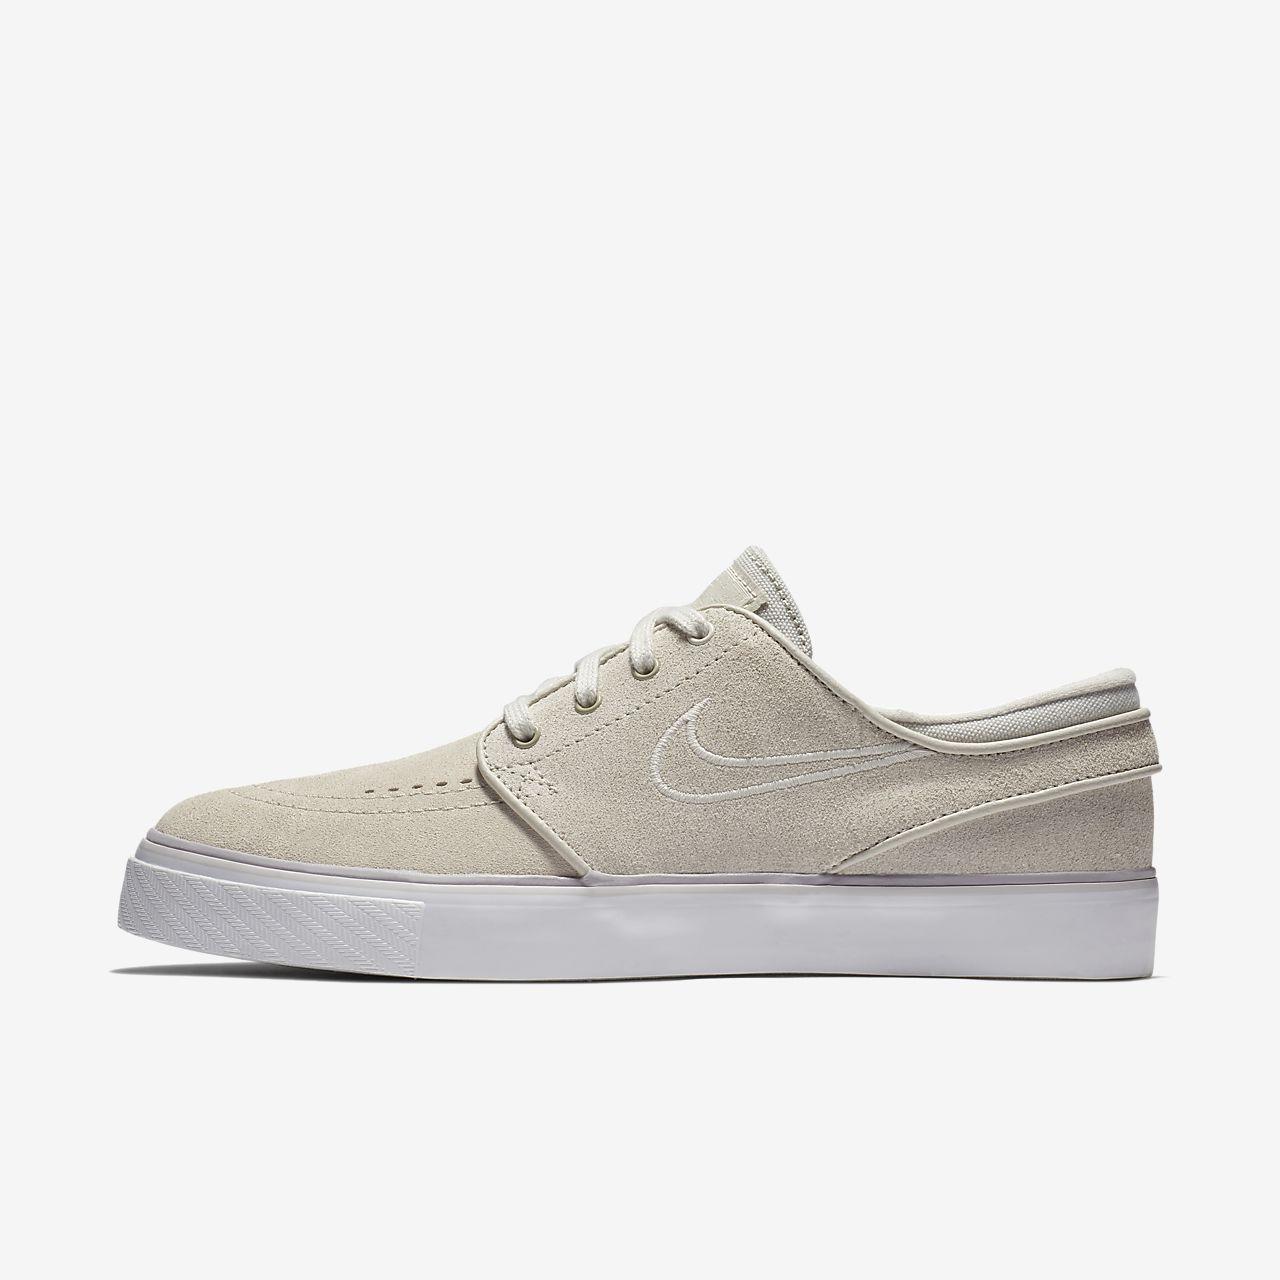 Nike Zoom Stefan Janoski Women's Skateboarding Shoe